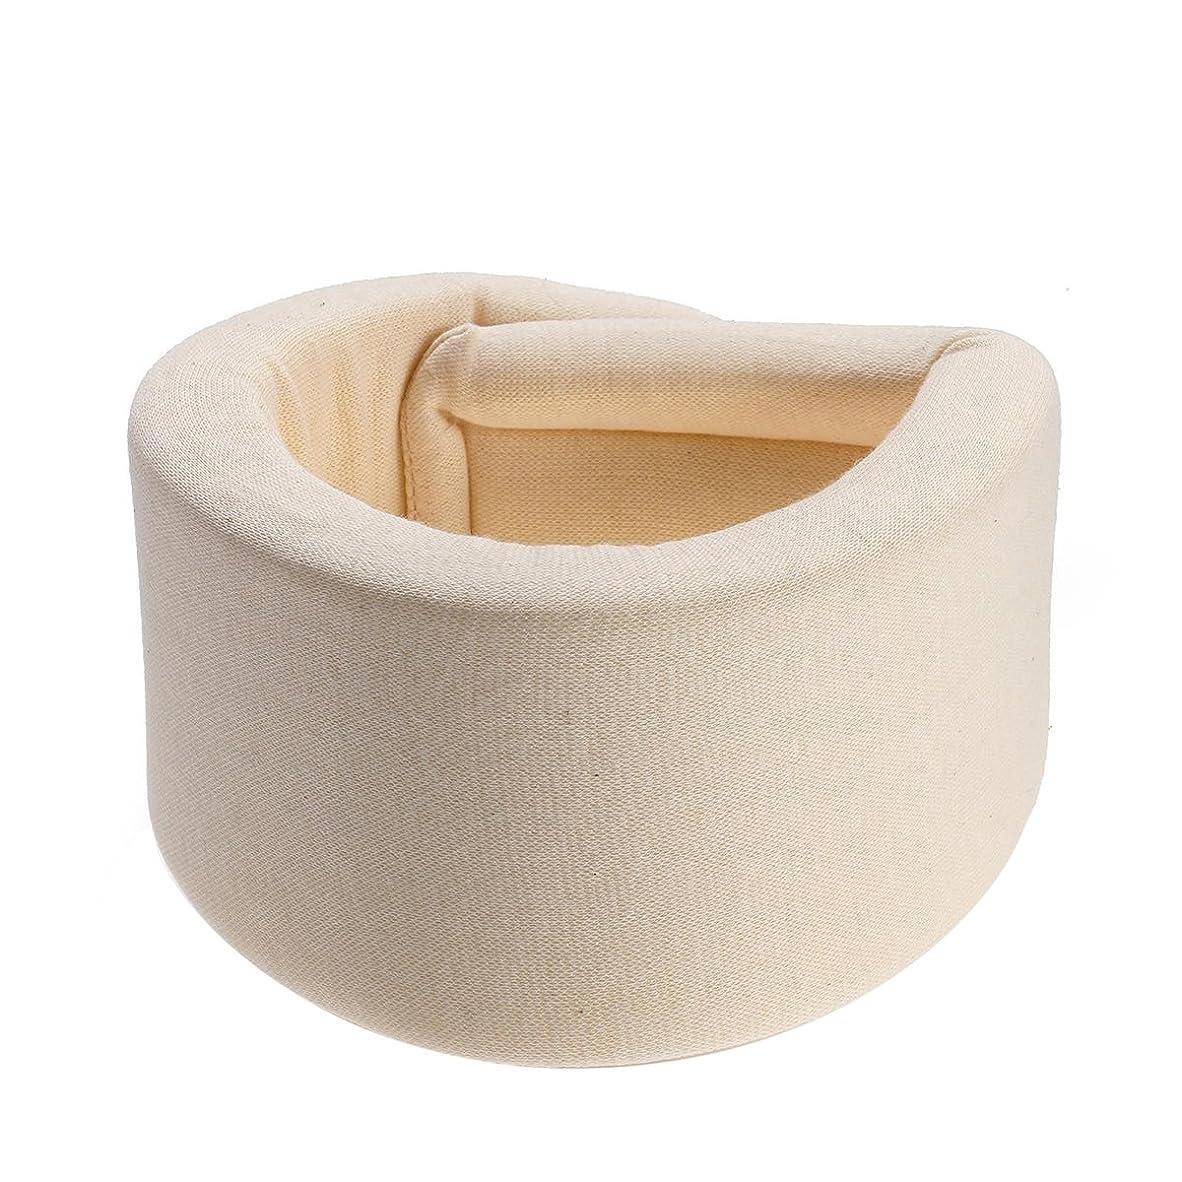 空虚チーズ一月HEALLILY 首装具サポートスポンジ頚部襟首の痛みを防ぐ首のケアの姿勢補正機能(ベージュ) - サイズXL